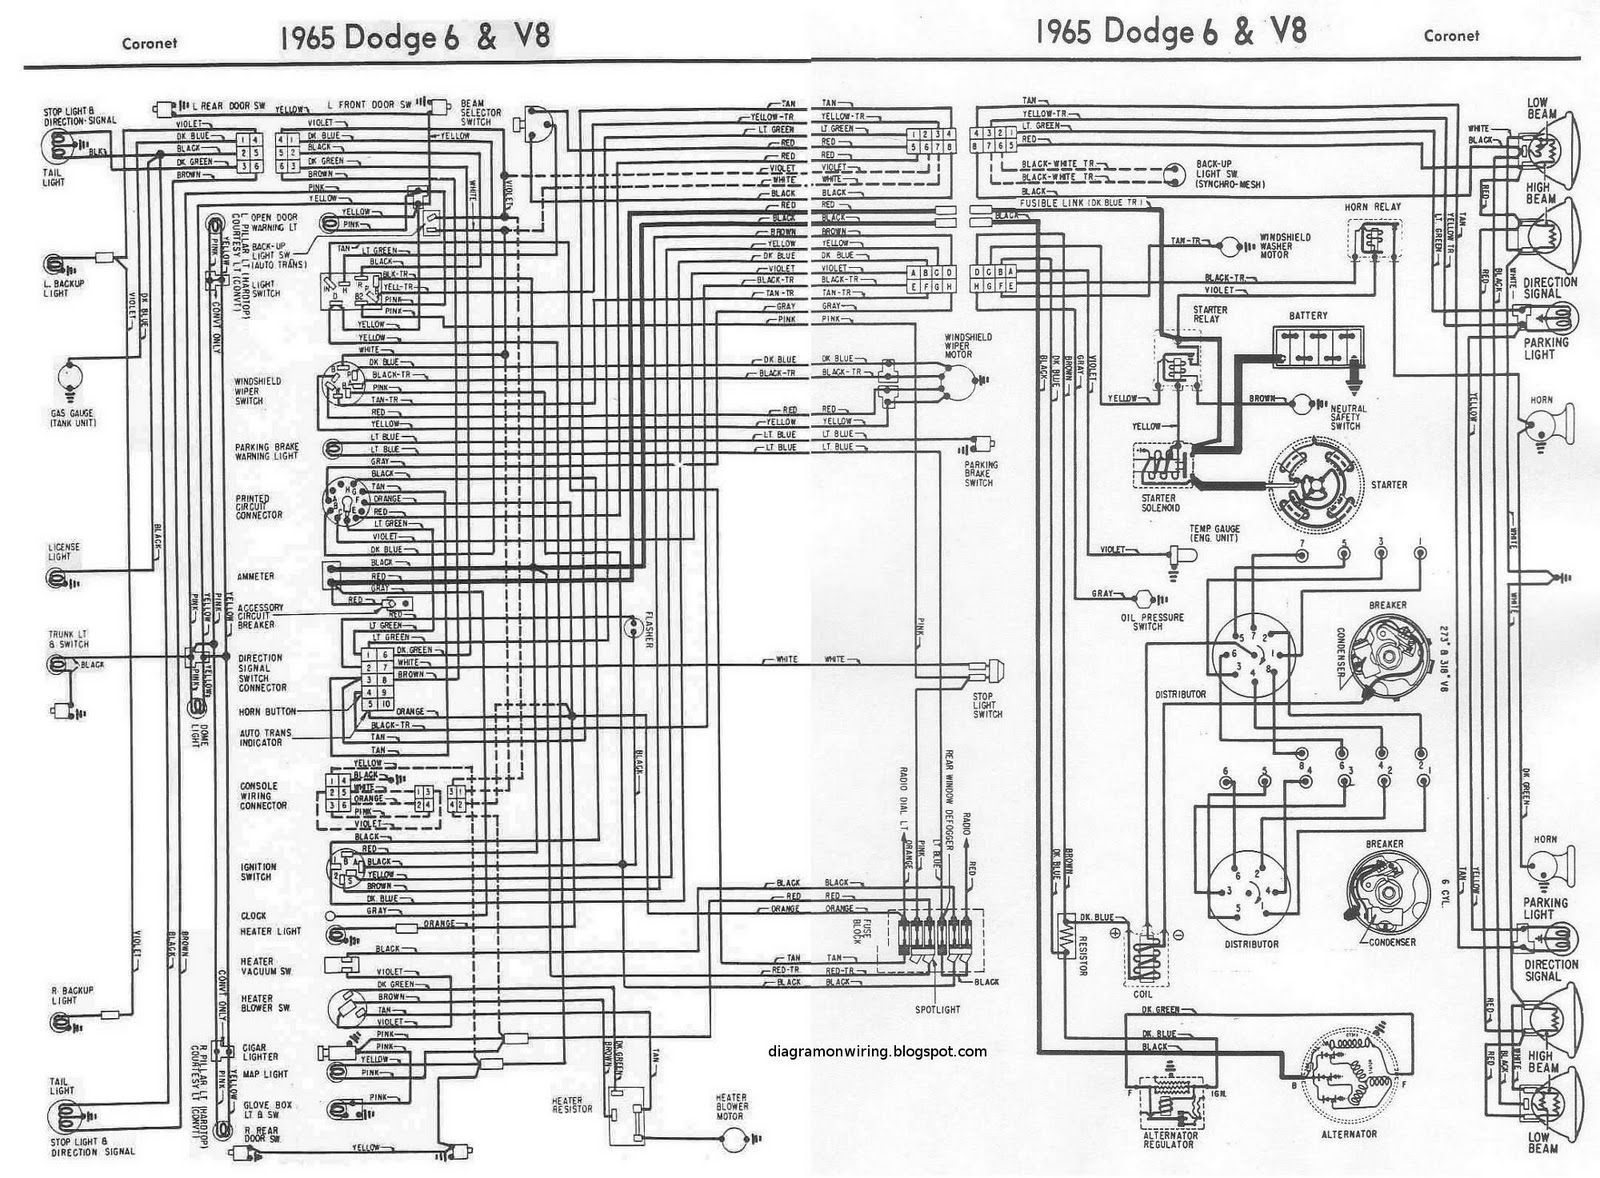 1969 Chrysler 300 Wiring Diagram - Wiring Diagram